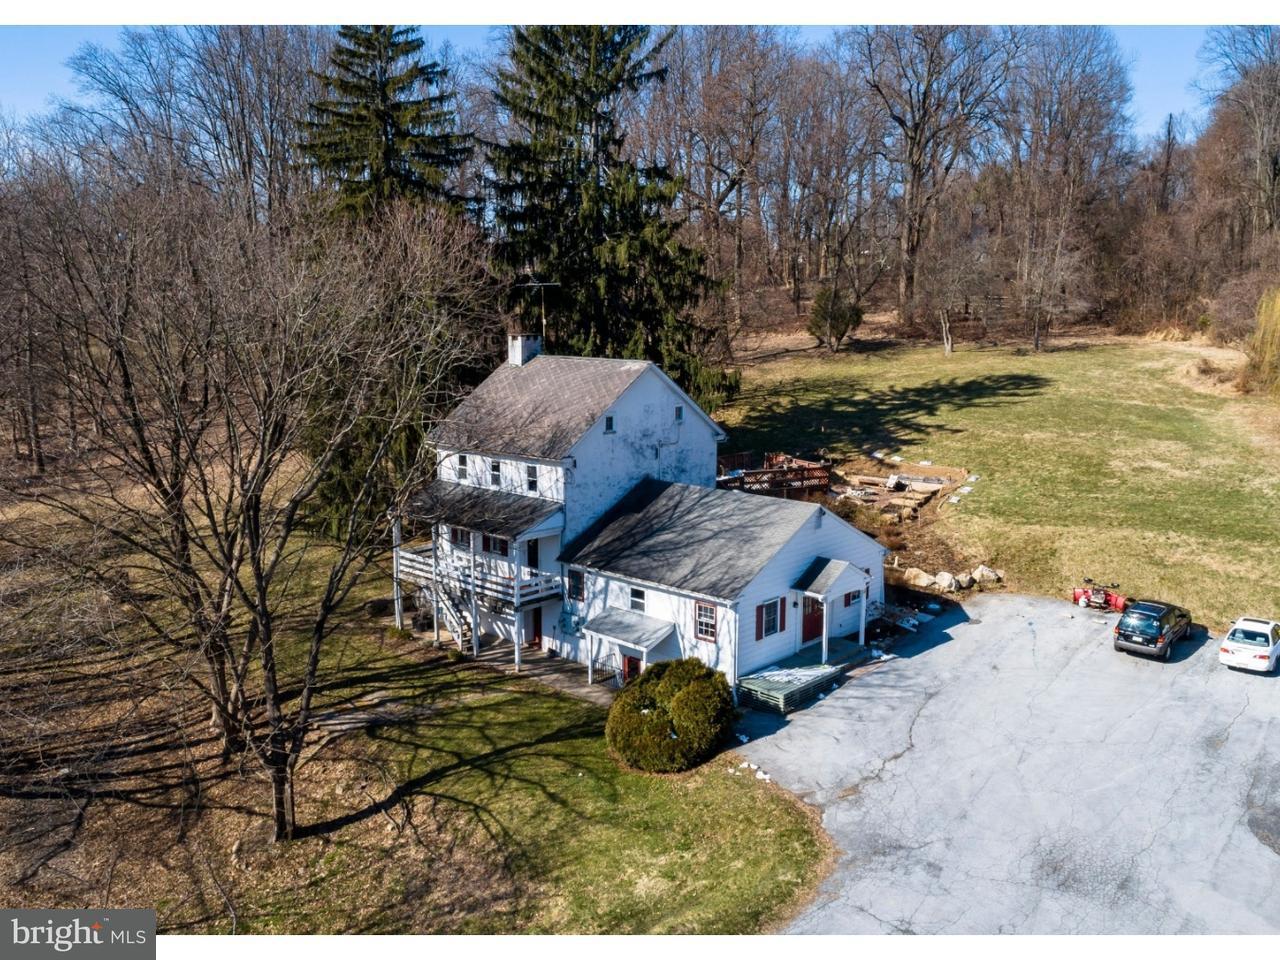 独户住宅 为 销售 在 1050 PIKE SPRINGS Road Kimberton, 宾夕法尼亚州 19460 美国